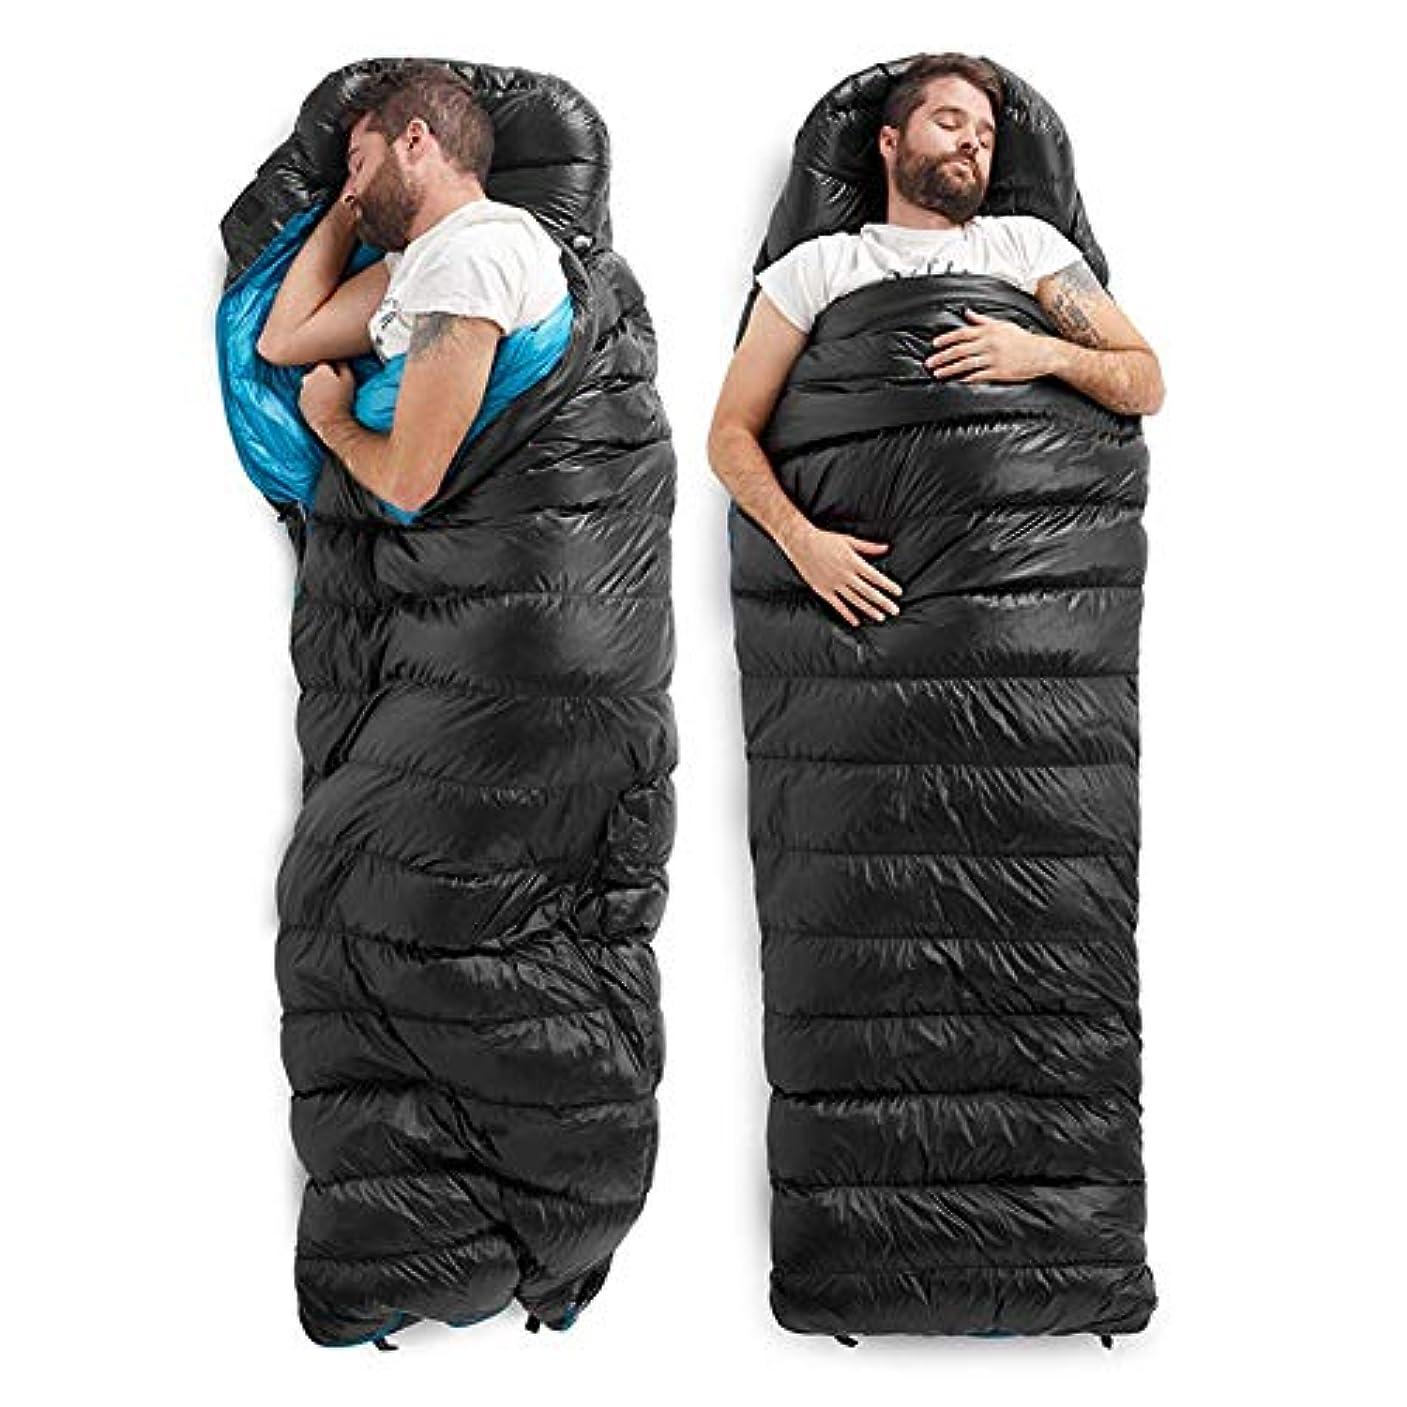 引き渡す買い物に行くマラウイCherrysong 冬用寝袋 封筒型寝袋 ソフトベルベット 寝袋ライナー 圧縮袋で快適 軽量 ポータブル 防水 冬 アウトドア キャンプ用 (5°C / -15°C)